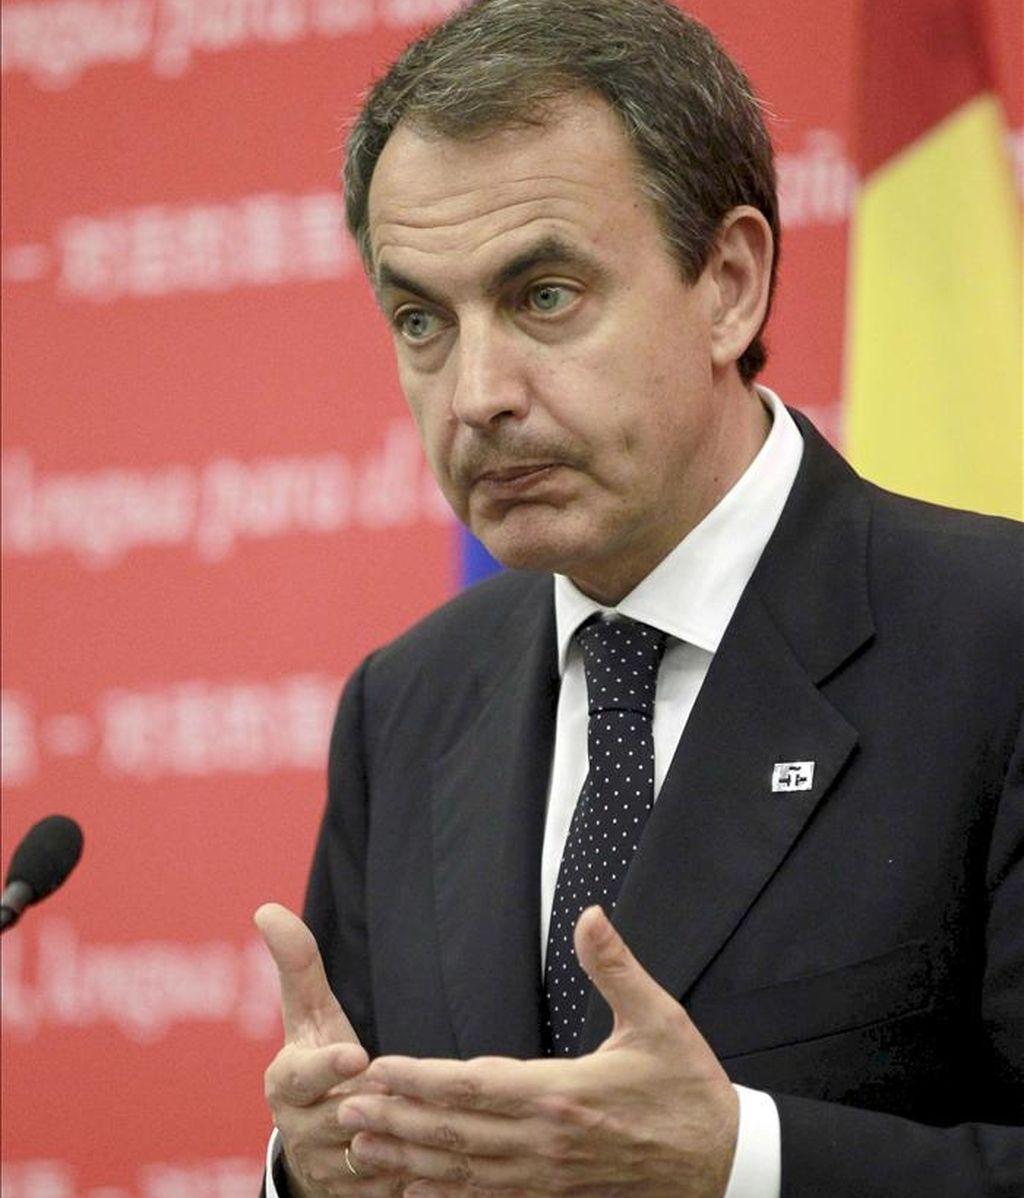 El presidente del Gobierno español, José Luis Rodríguez Zapatero, que se encuentra en Pekín dentro de su cuarto viaje a China, durante su intervención en un acto cultural en defensa del español celebrado en la sede del Instituto Cervantes. EFE